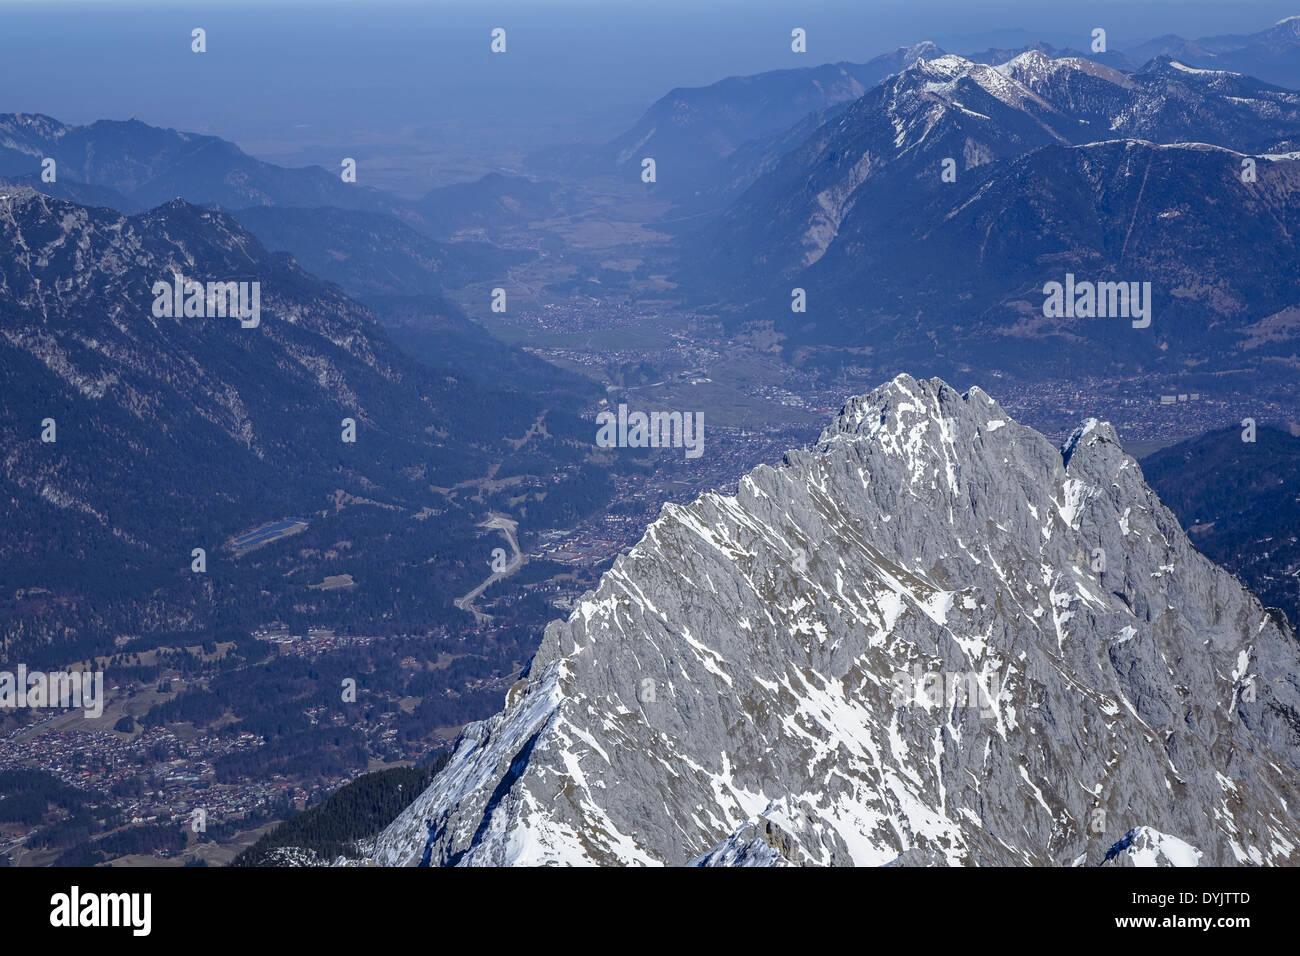 Blick von der Alpspitze bei Garmisch Partenkirchen, auf die Alpen - Stock Image